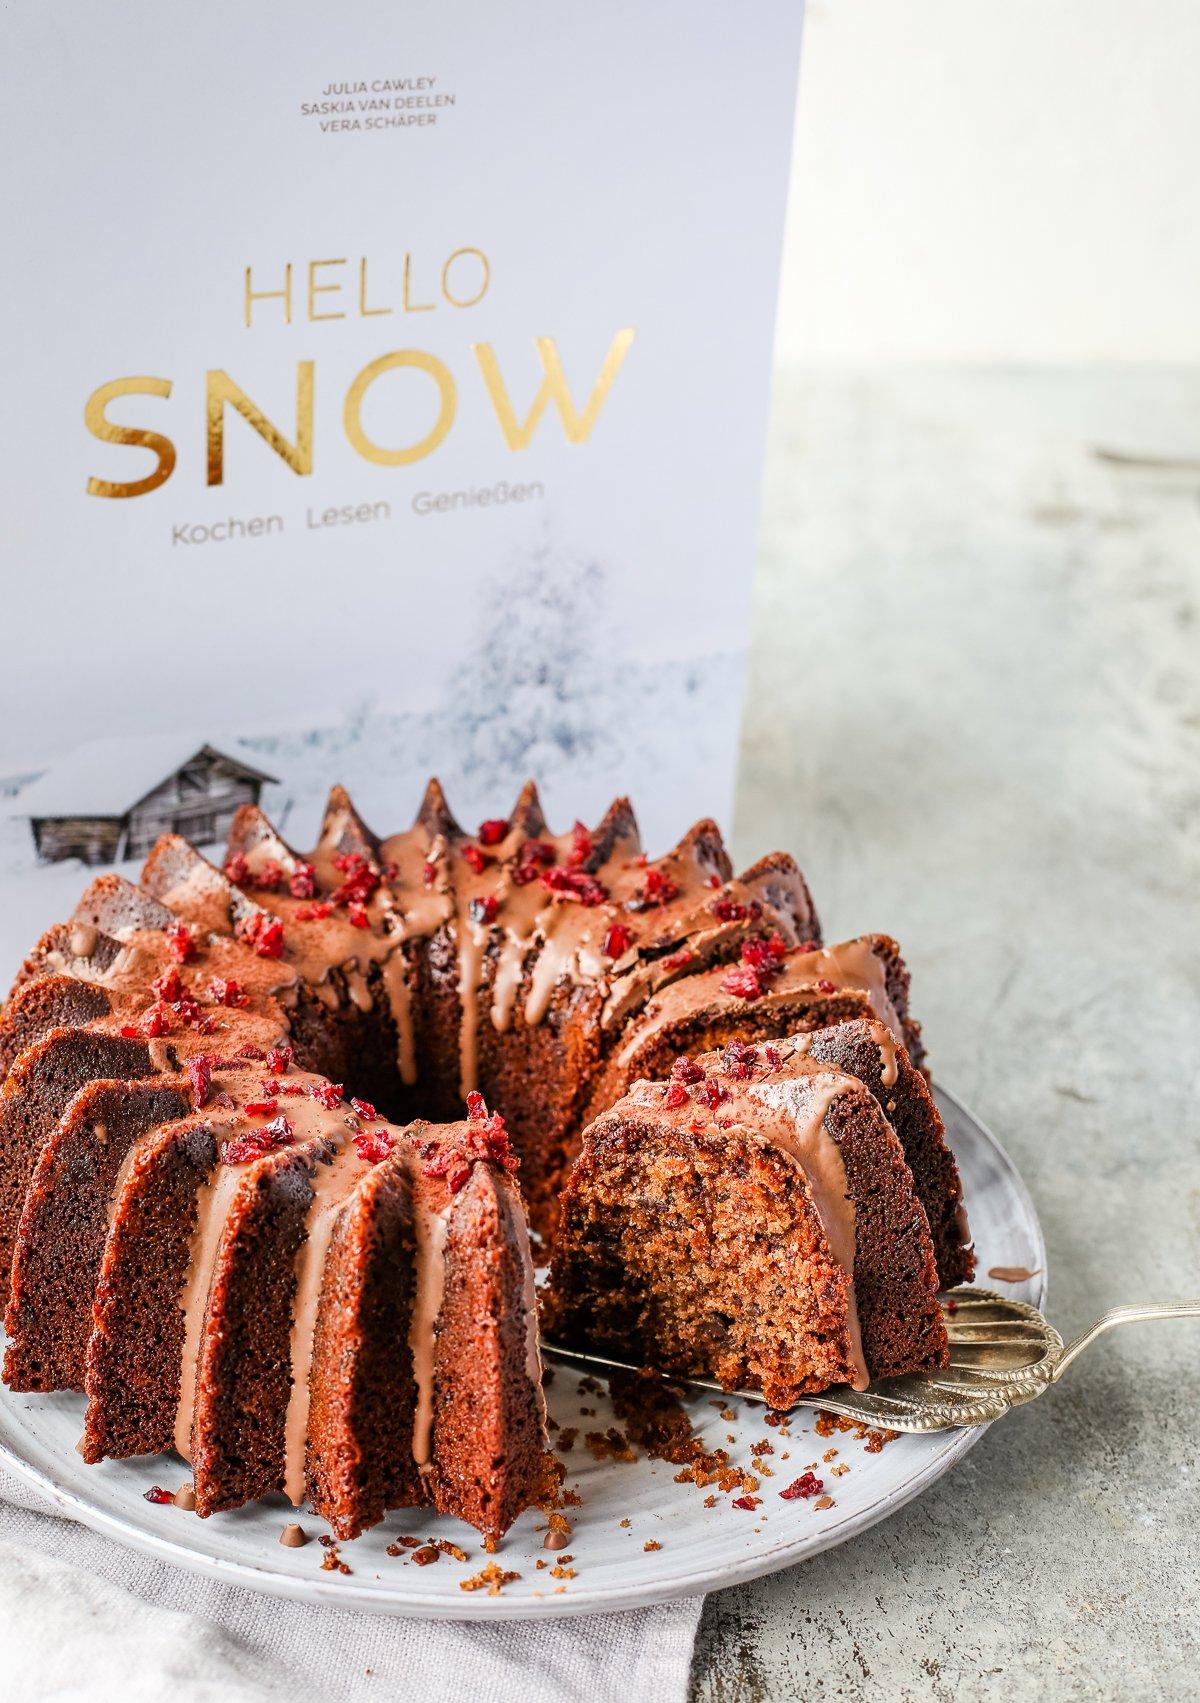 einfacher Schokoladenkuchen aus dem Kochbuch Hello Snow